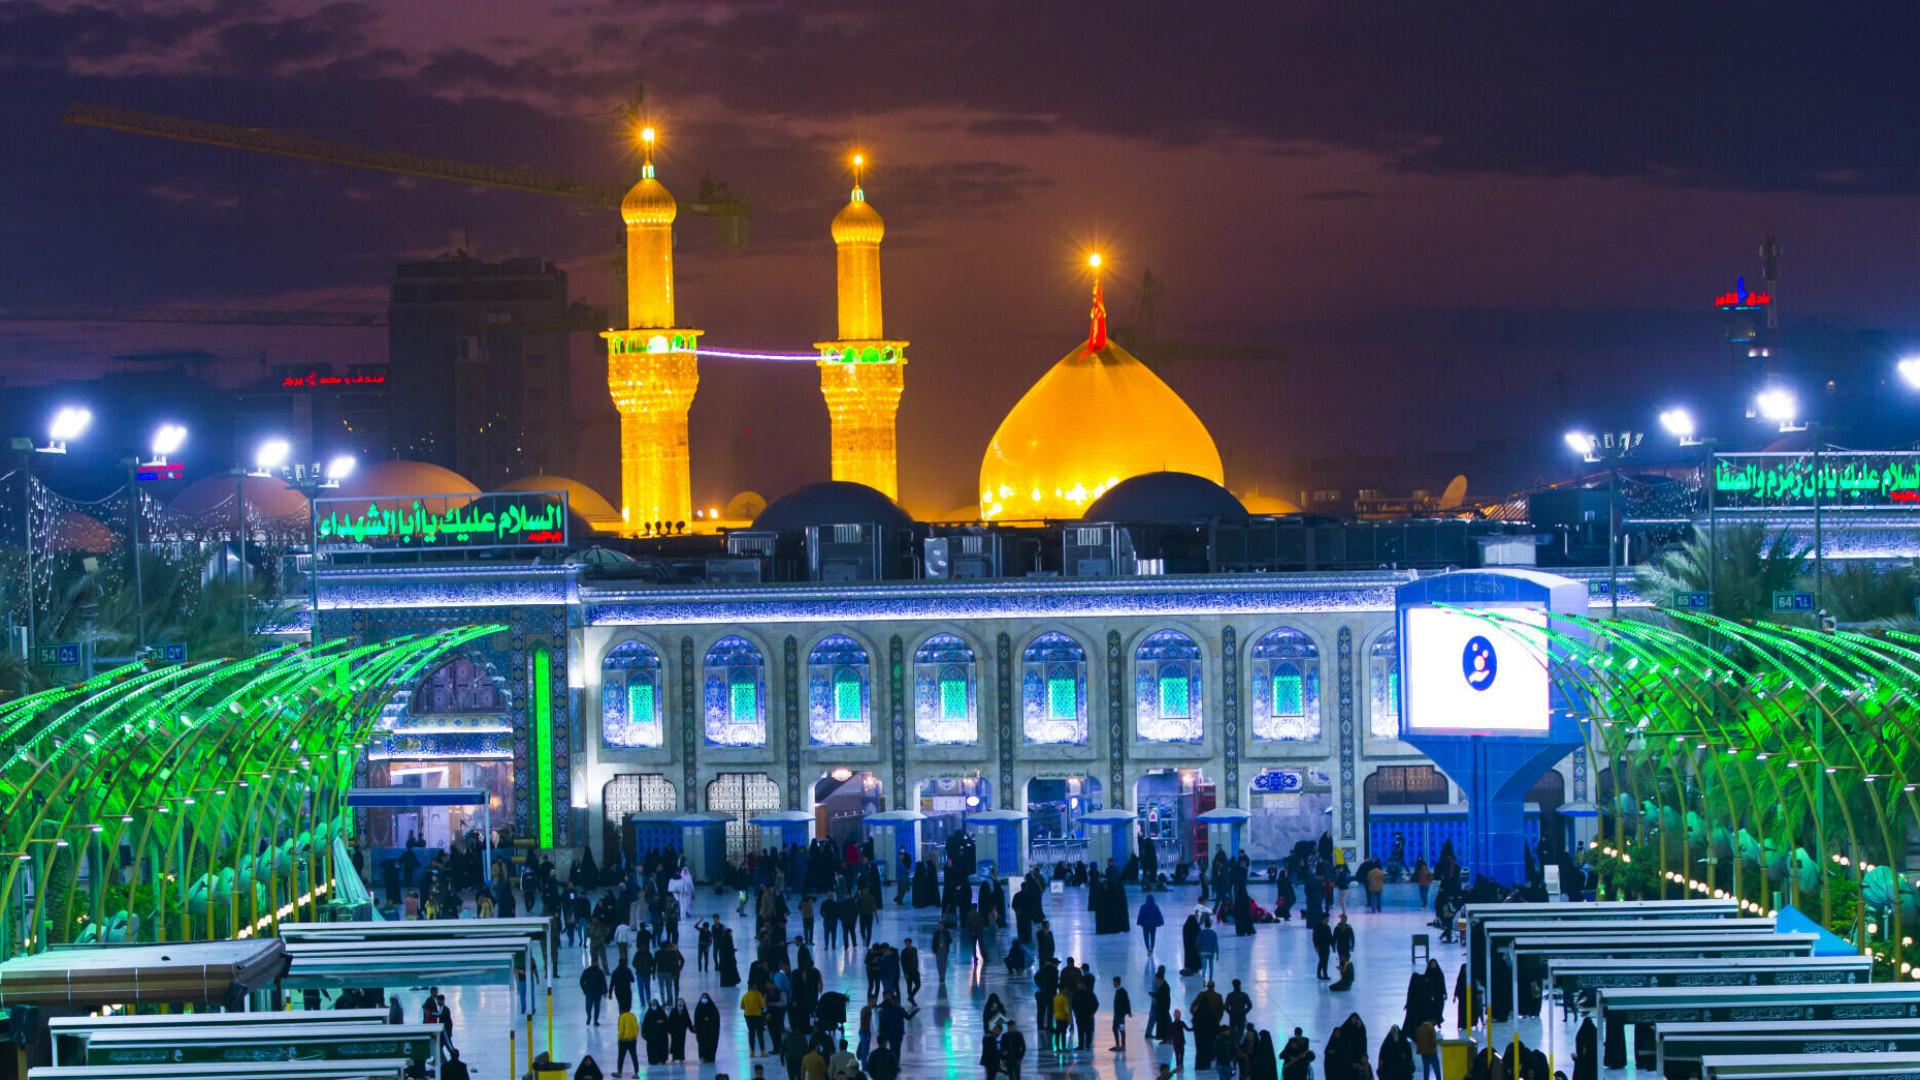 العتبة الحسينية تصرف أكثر من ٣ مليارات دينار لمعالجة جرحى التظاهرات والقوات الأمنية